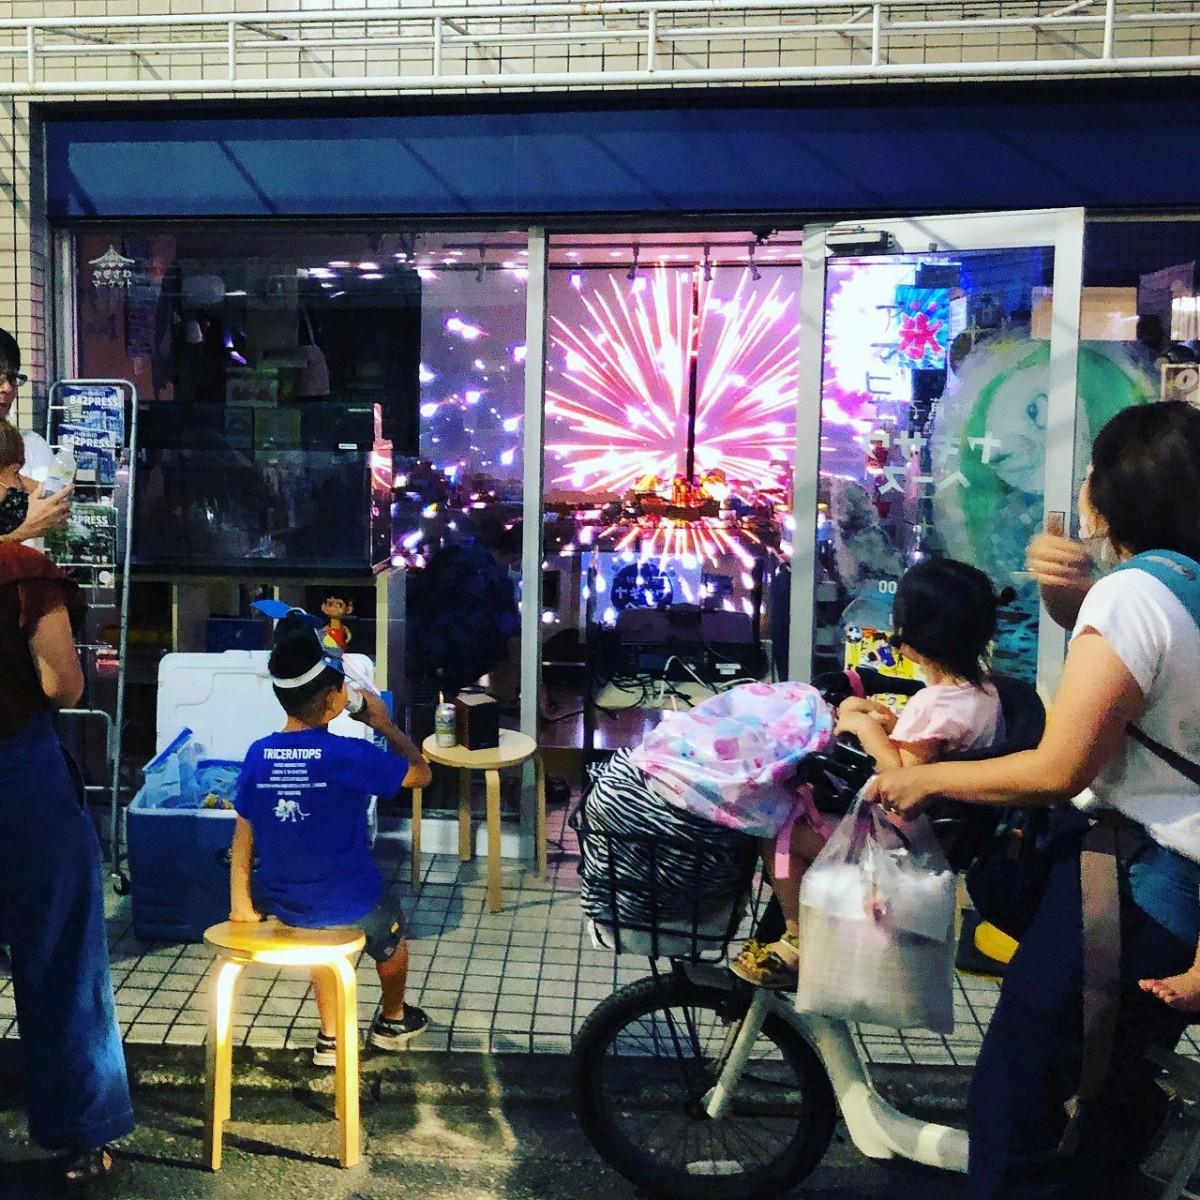 プロジェクターで駄菓子店内に投影した「バーチャル花火」